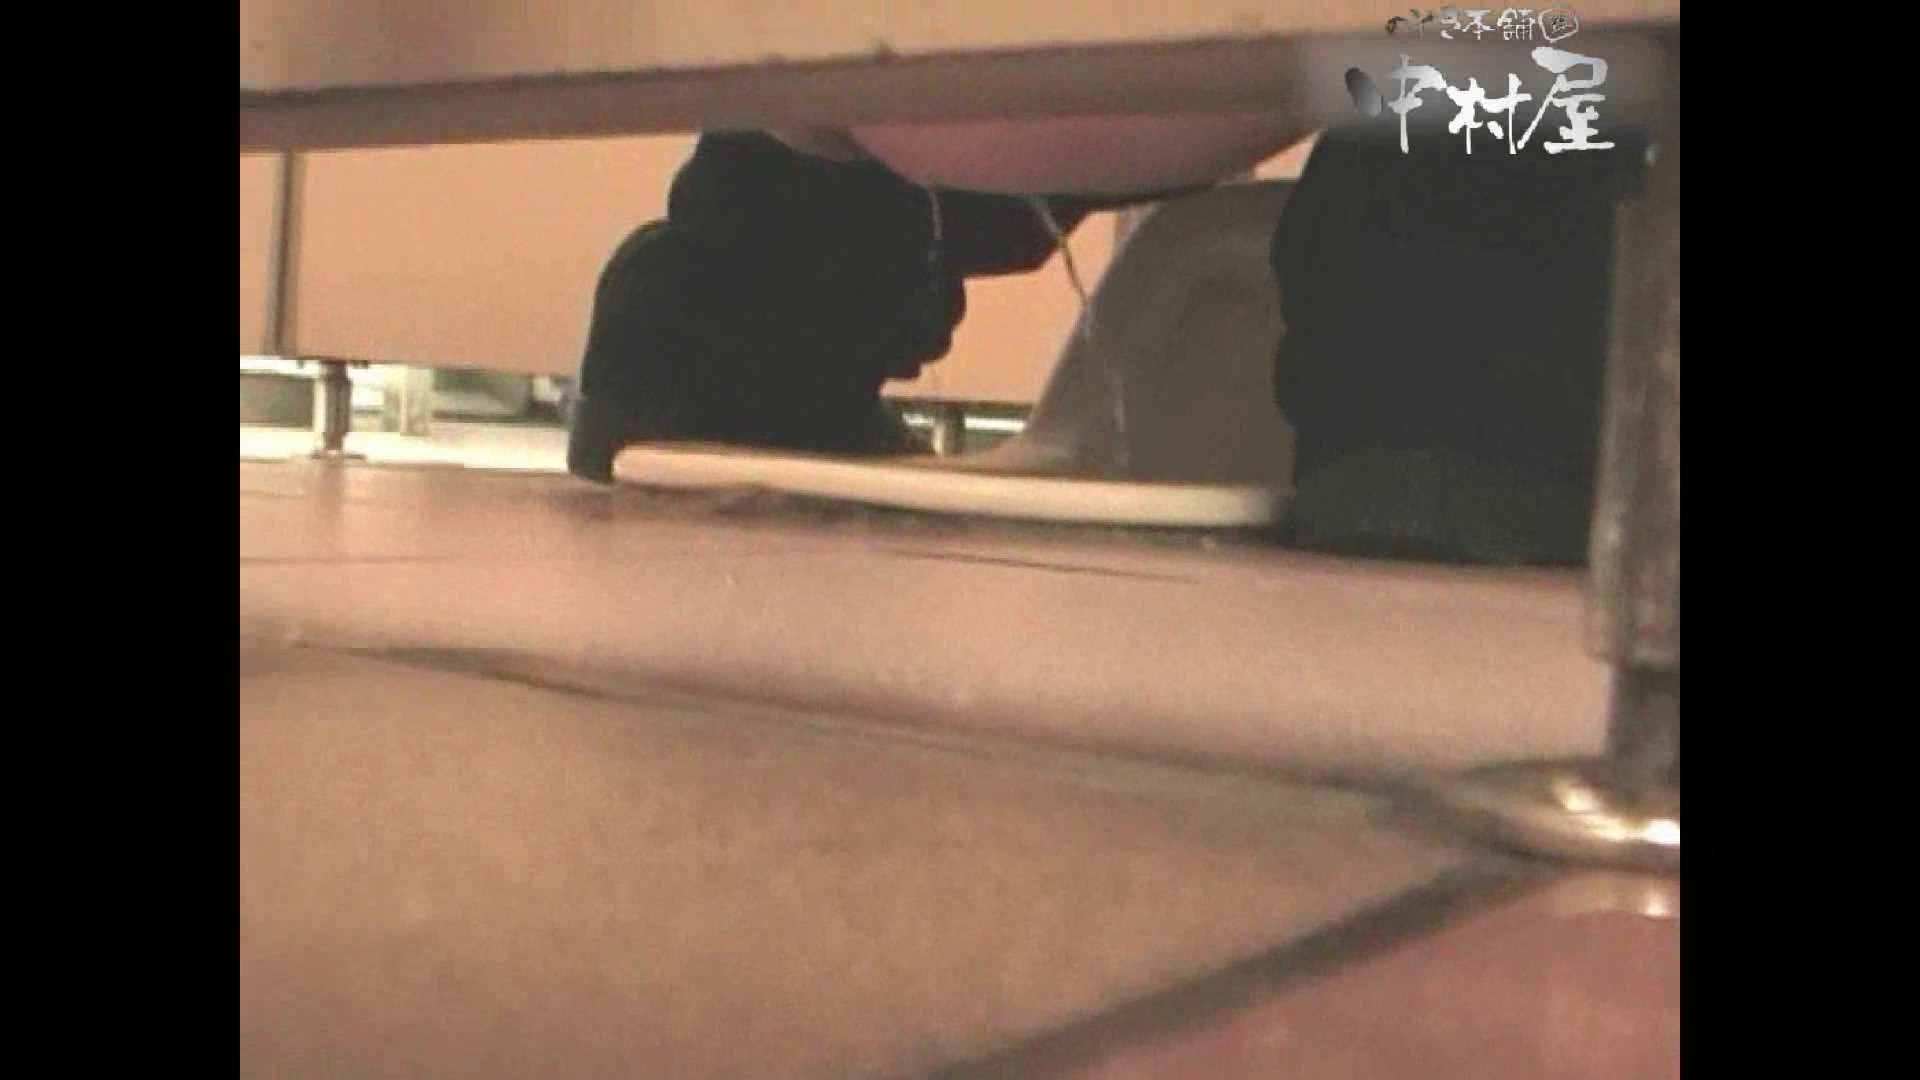 岩手県在住盗撮師盗撮記録vol.03 排泄 覗きおまんこ画像 99画像 13